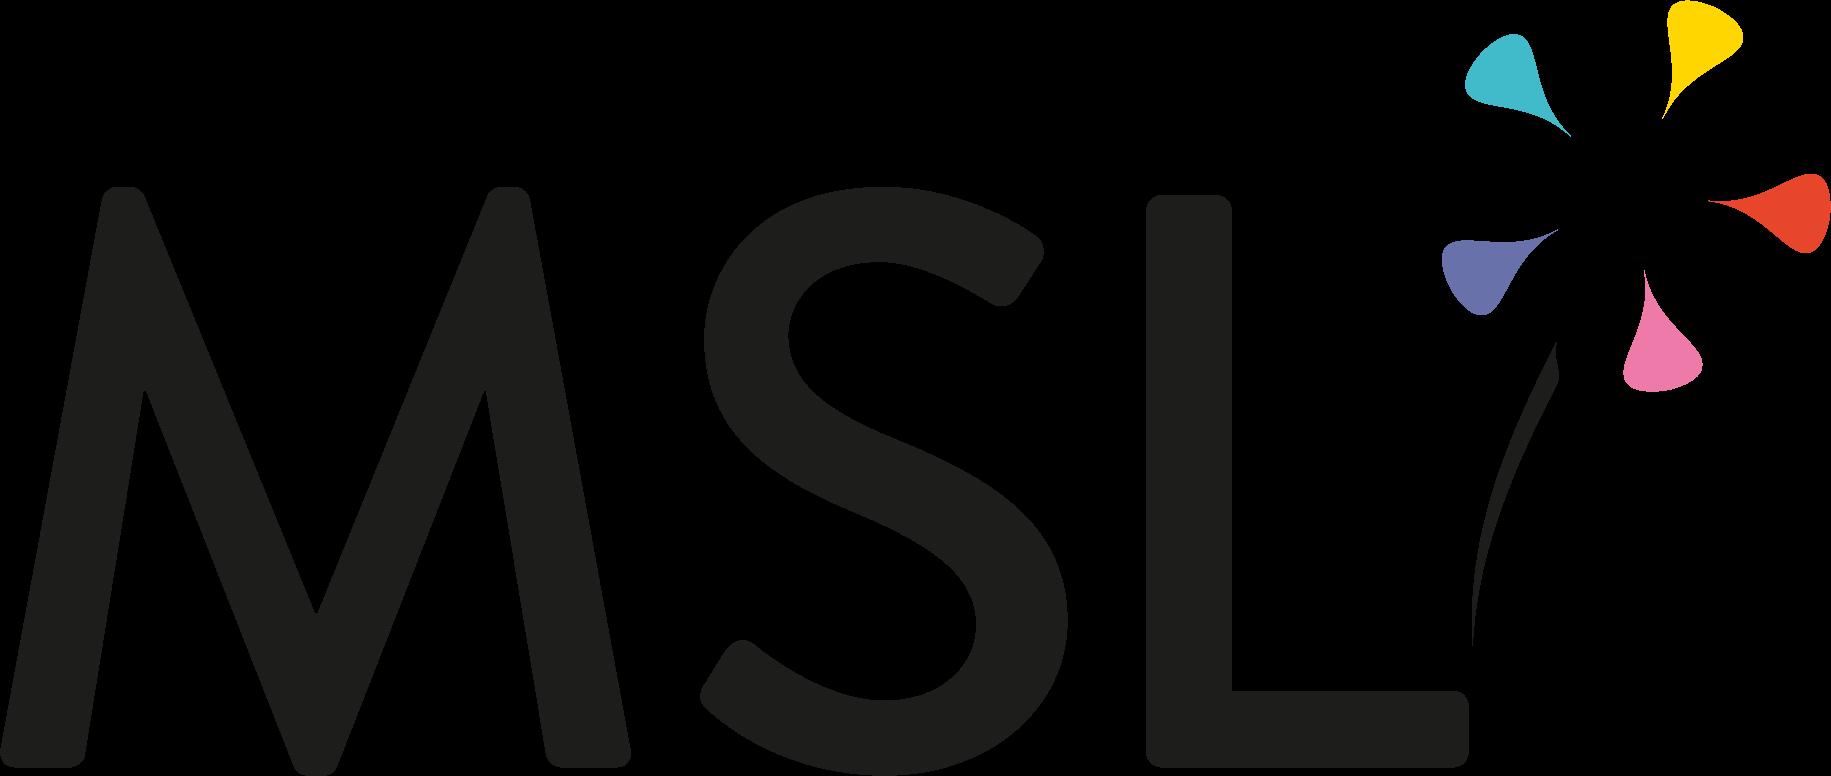 MSL_logo copy.png